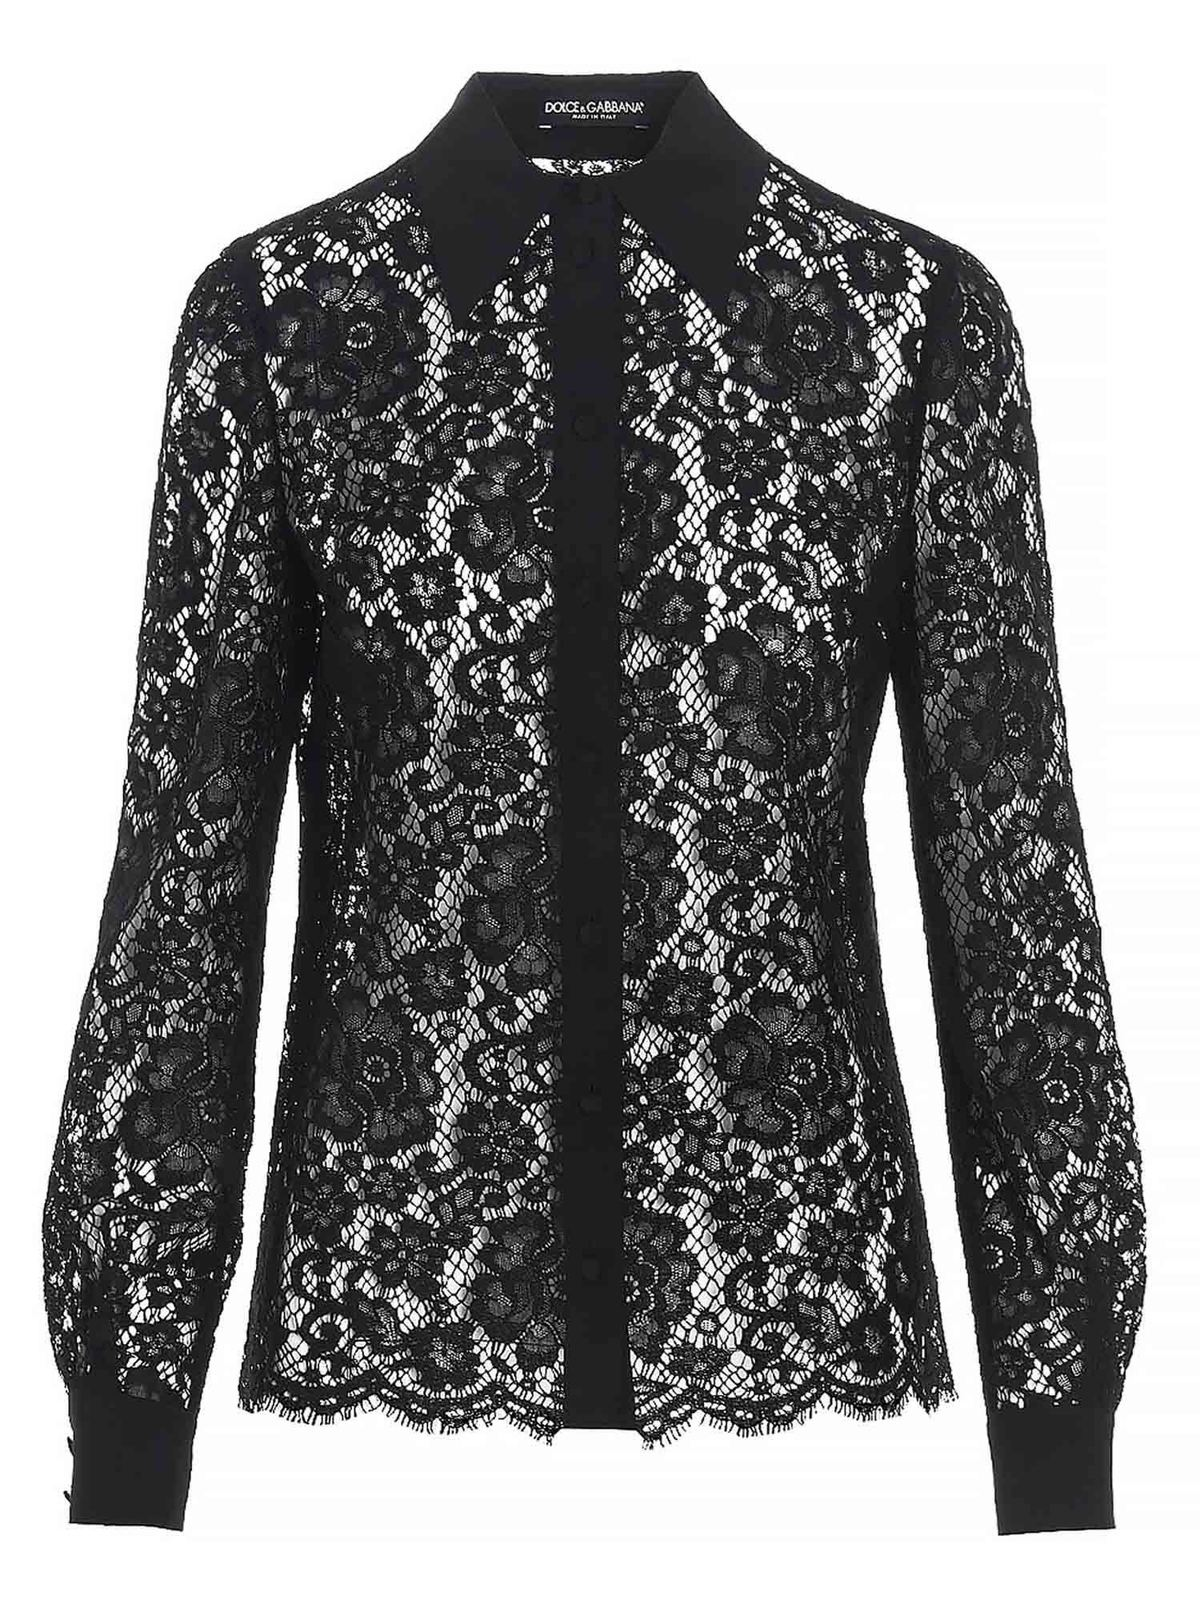 Dolce & Gabbana LACE SHIRT IN BLACK